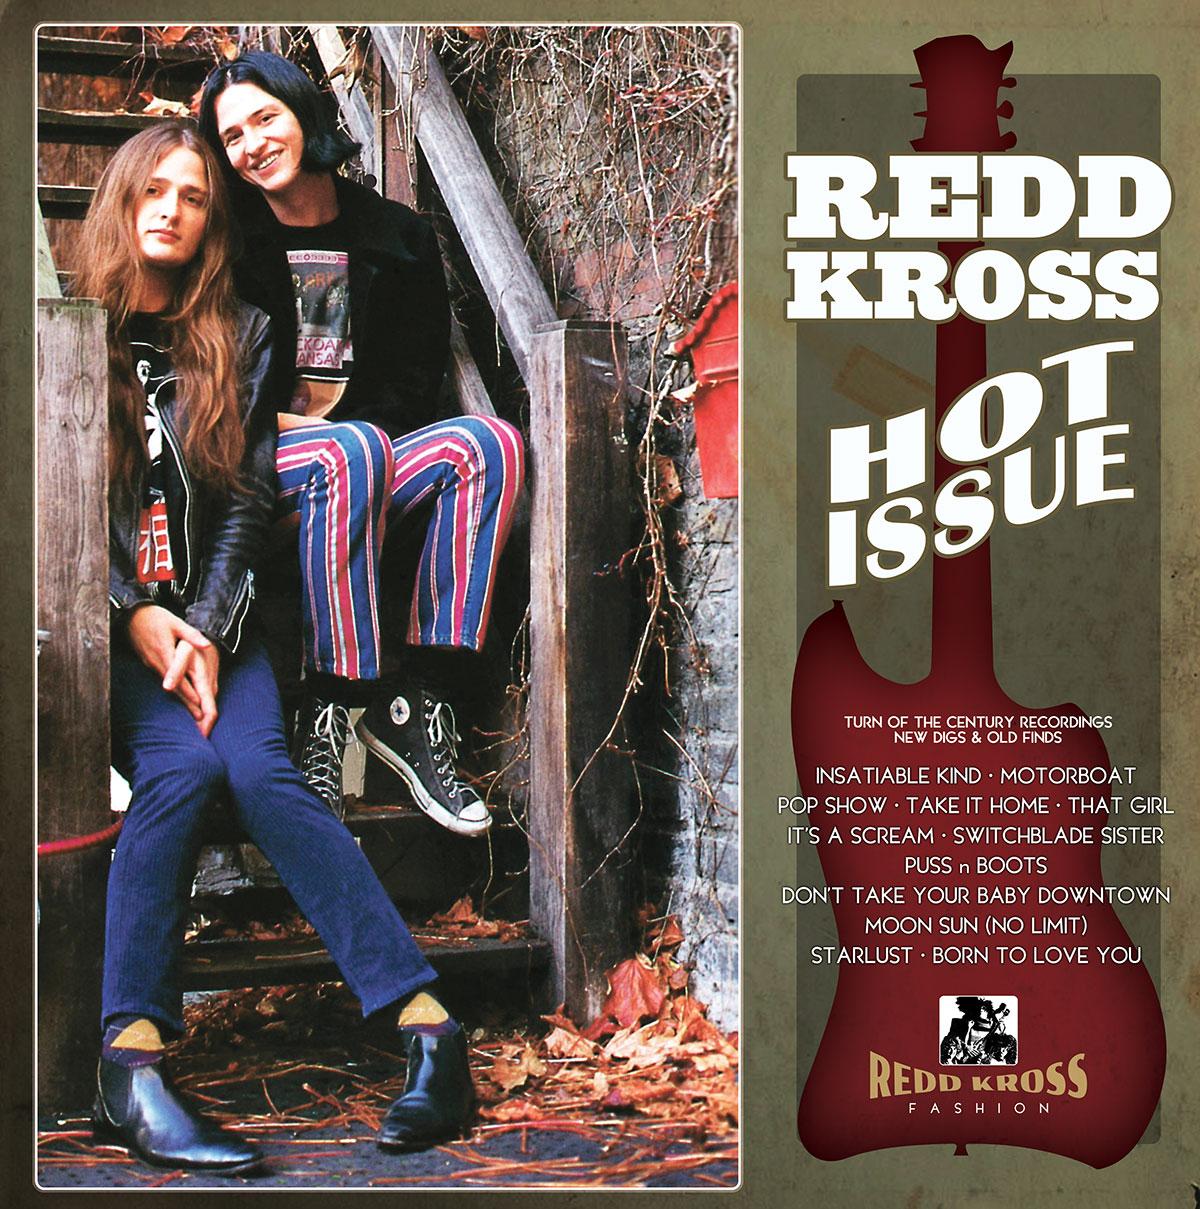 Redd Kross Hot Issue